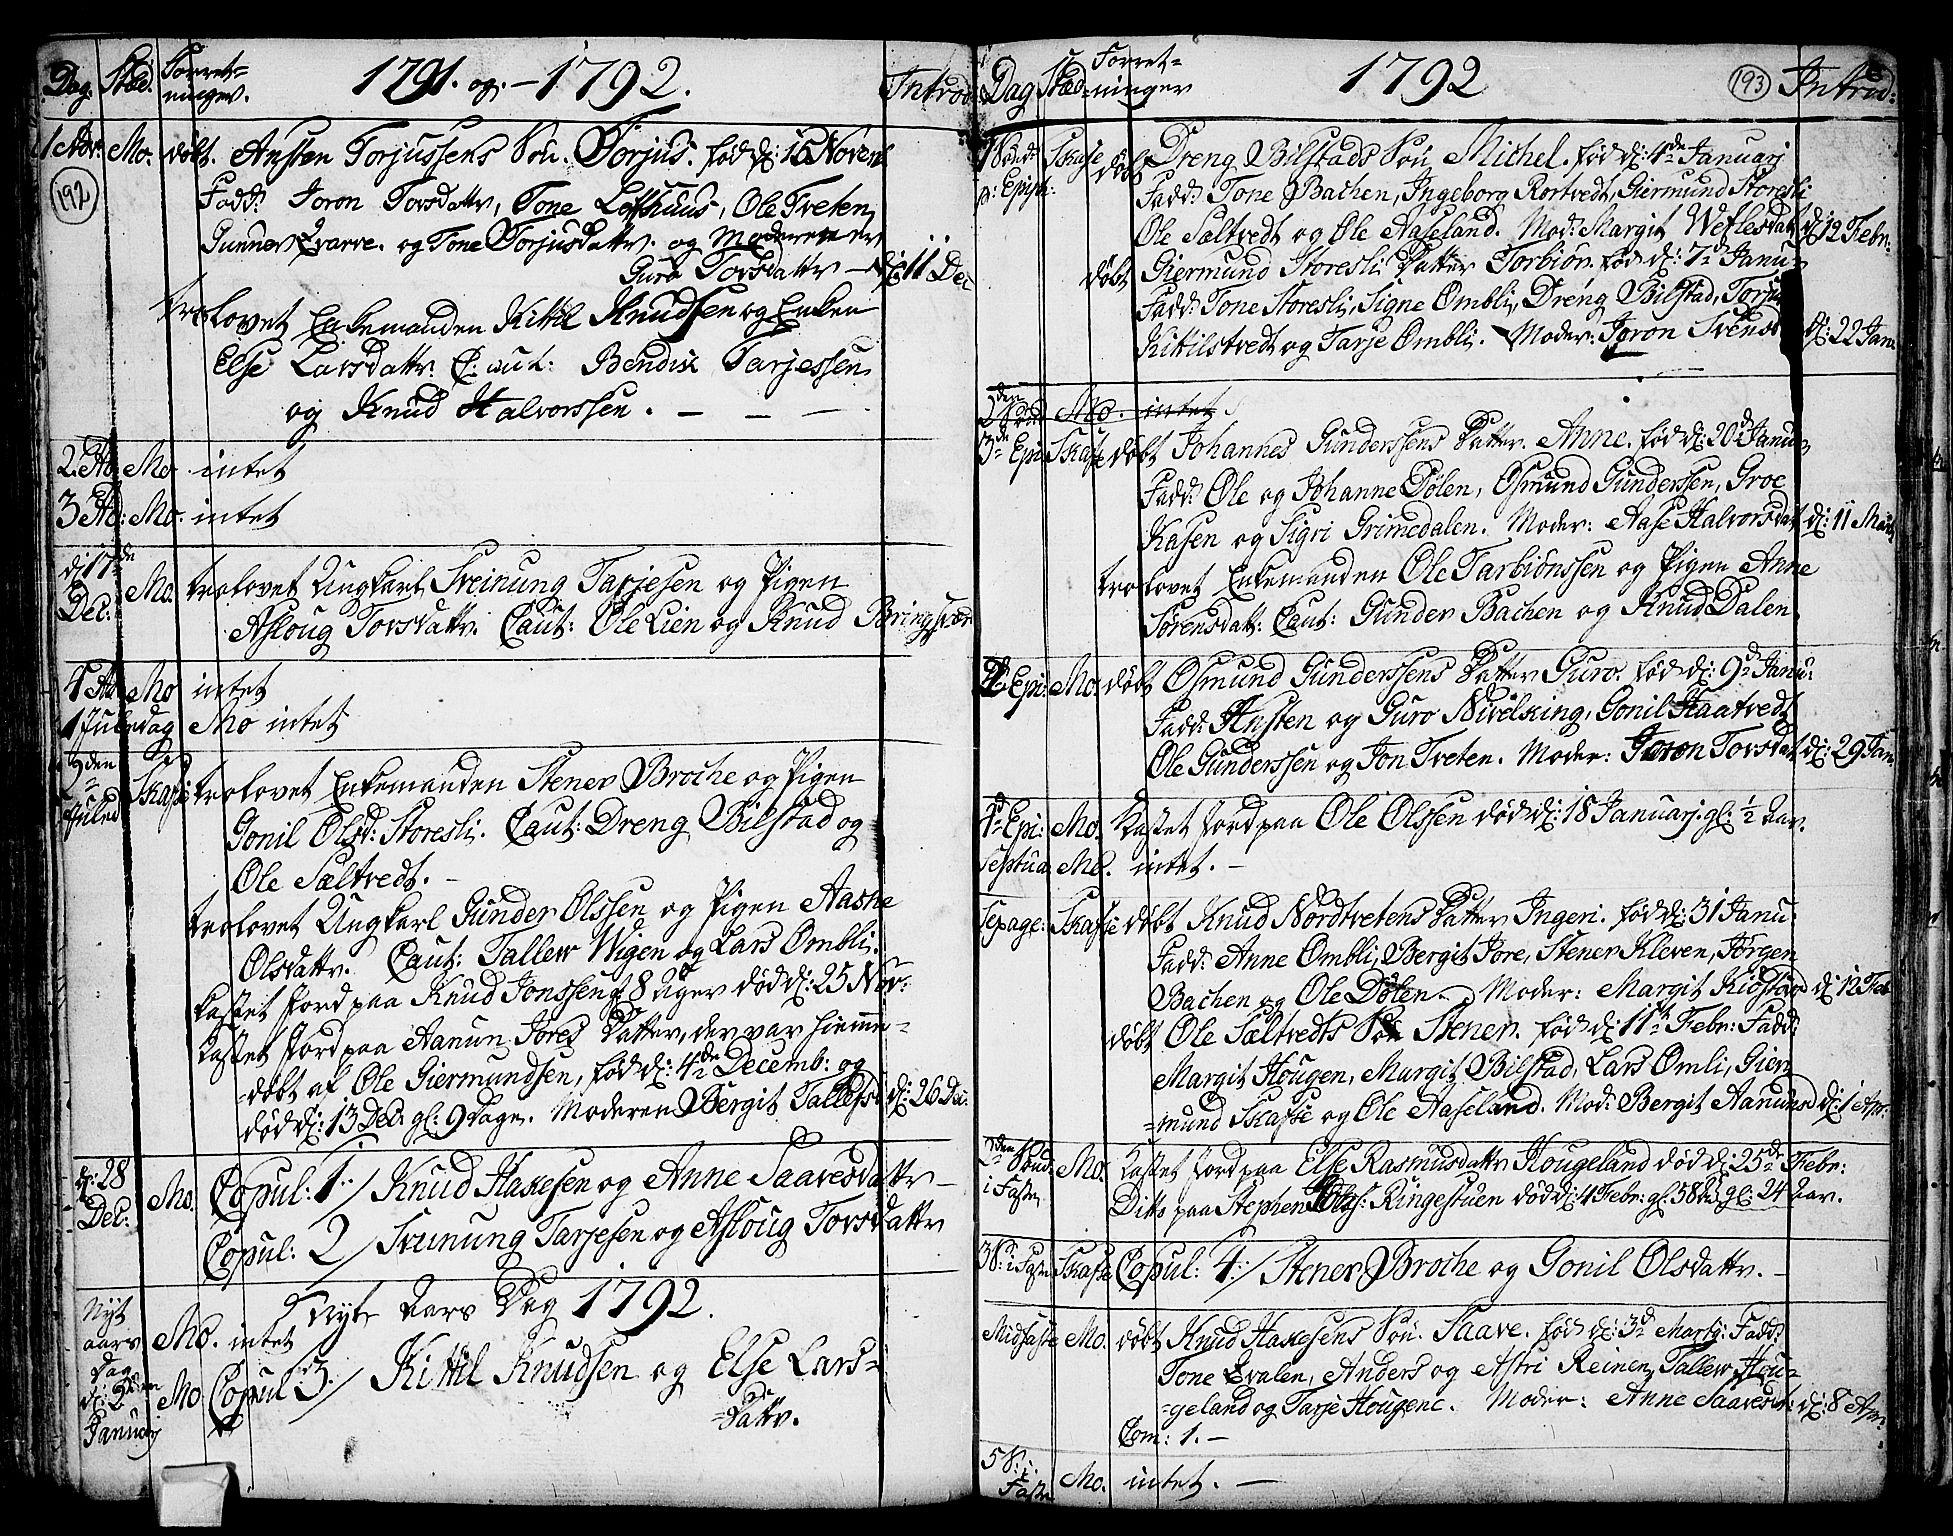 SAKO, Mo kirkebøker, F/Fa/L0002: Ministerialbok nr. I 2, 1766-1799, s. 192-193